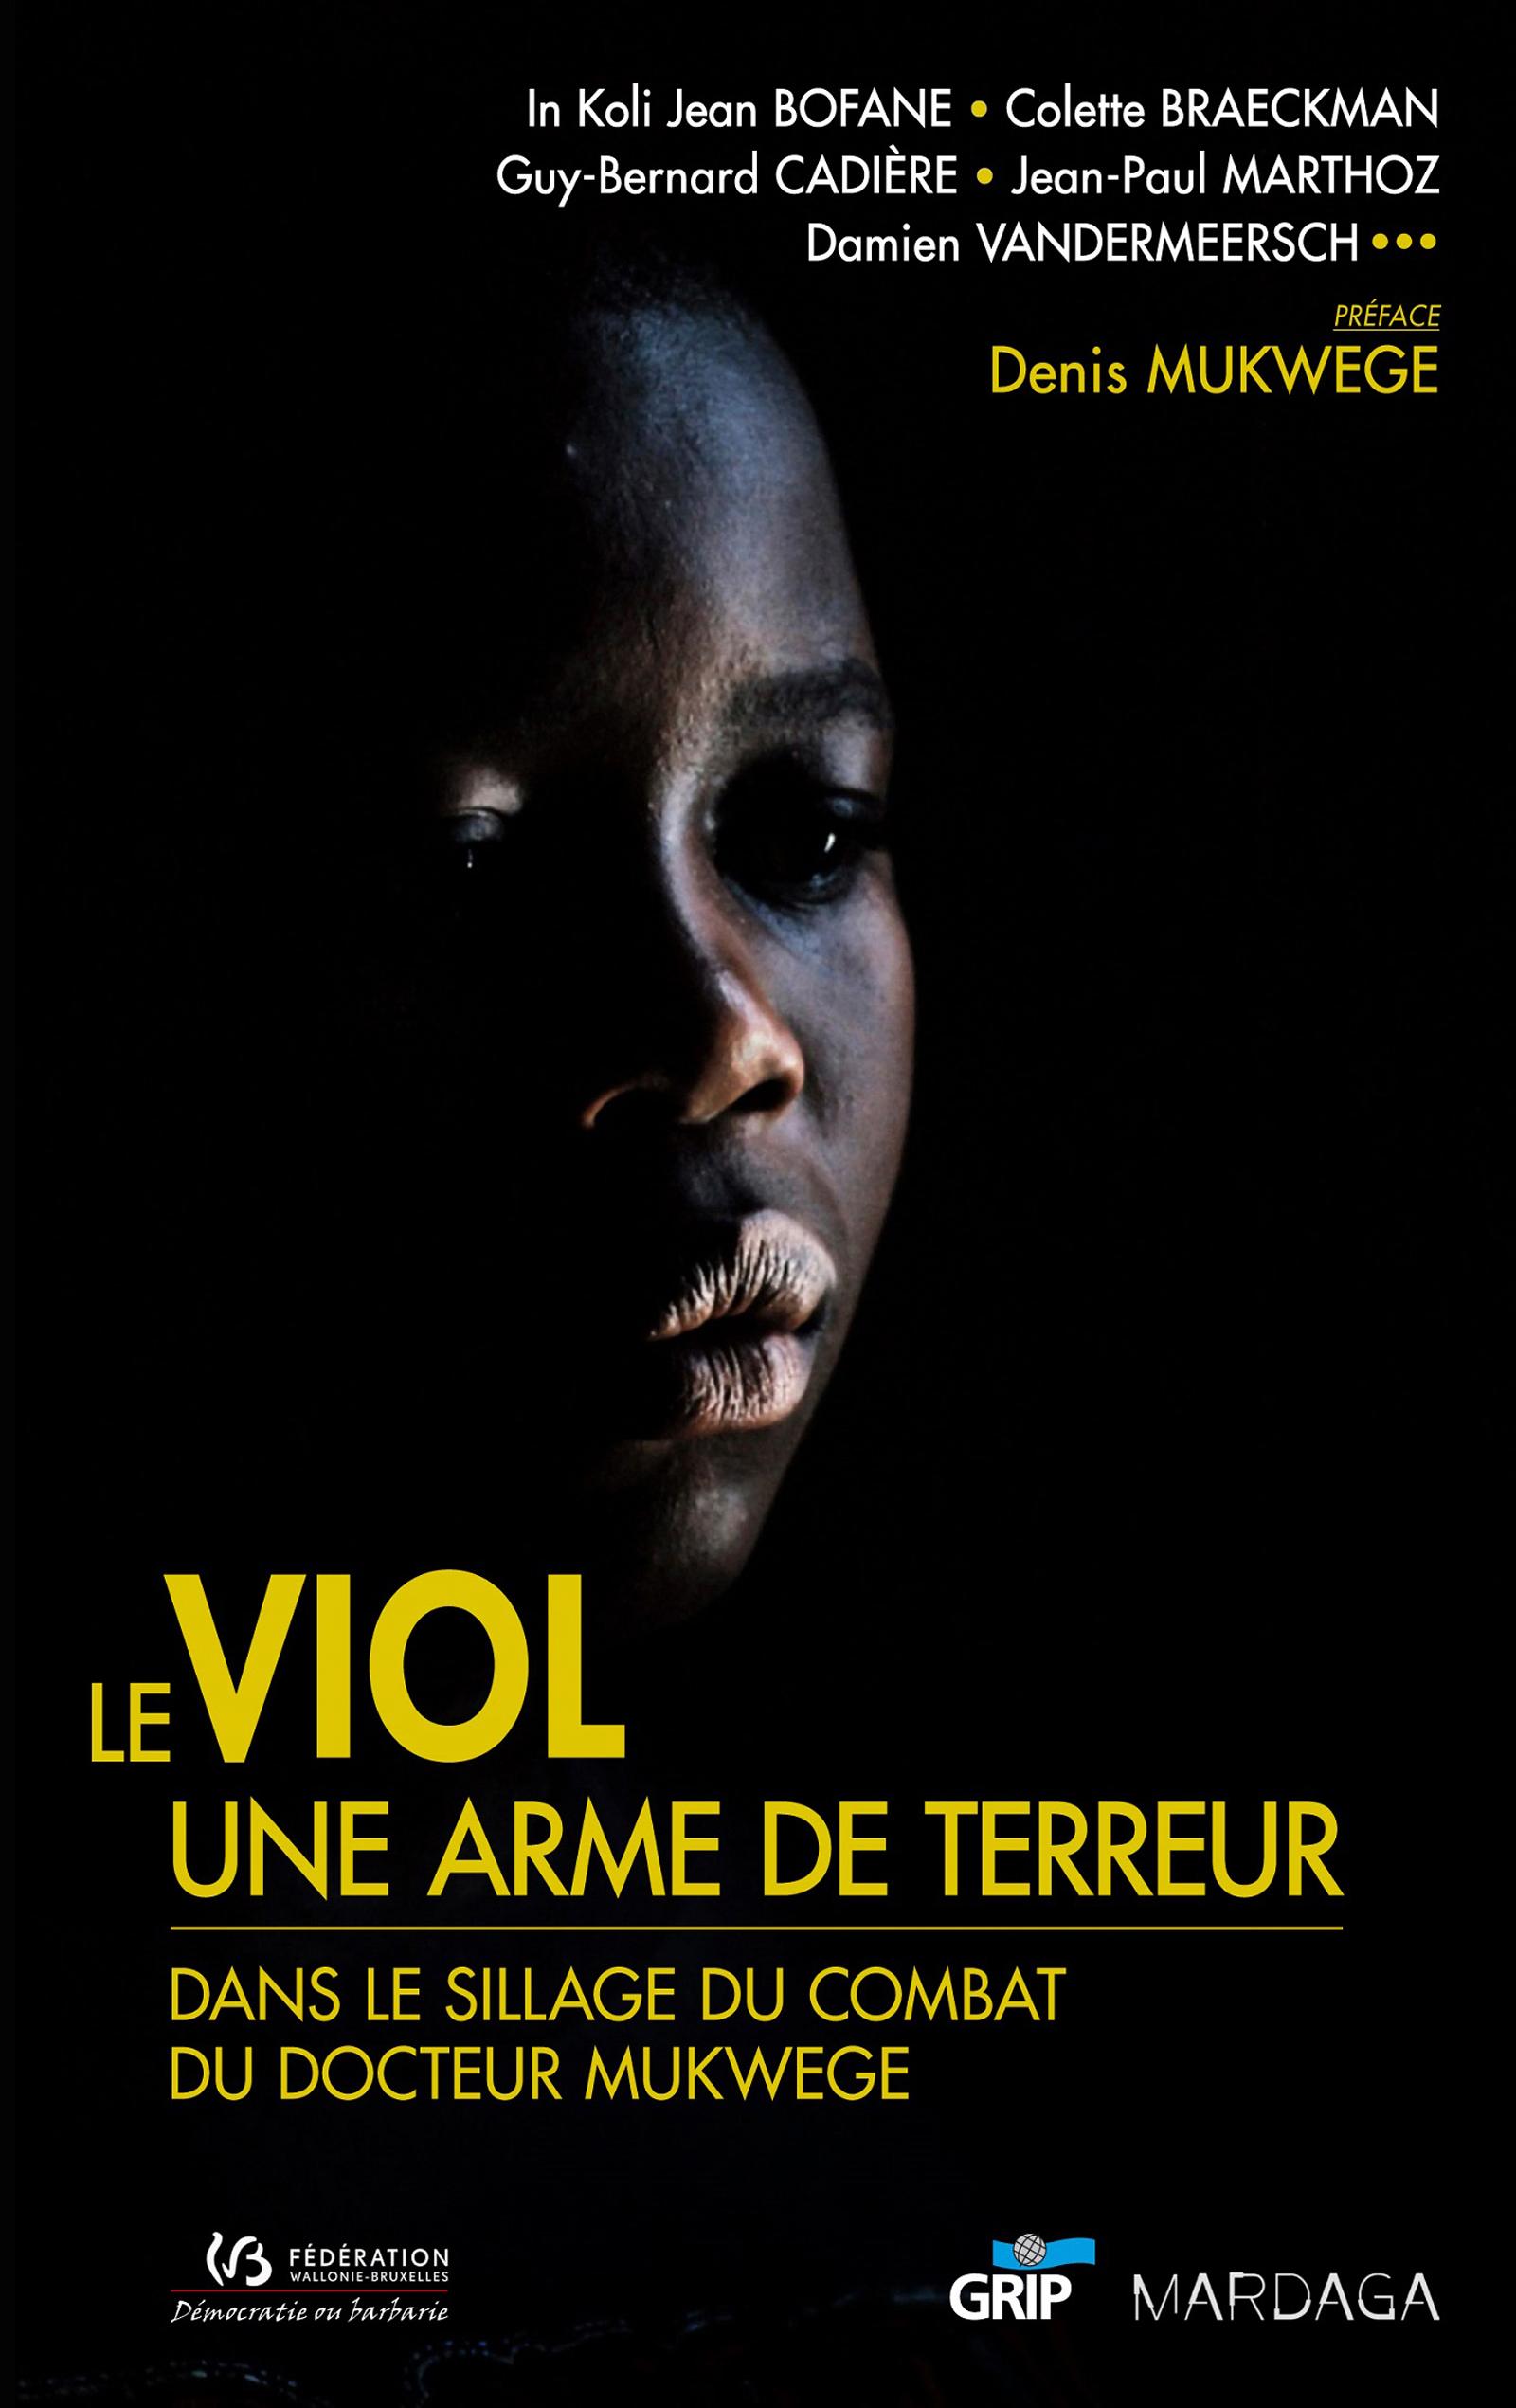 Le viol, une arme de terreur, Dans le sillage du combat du docteur Mukwege